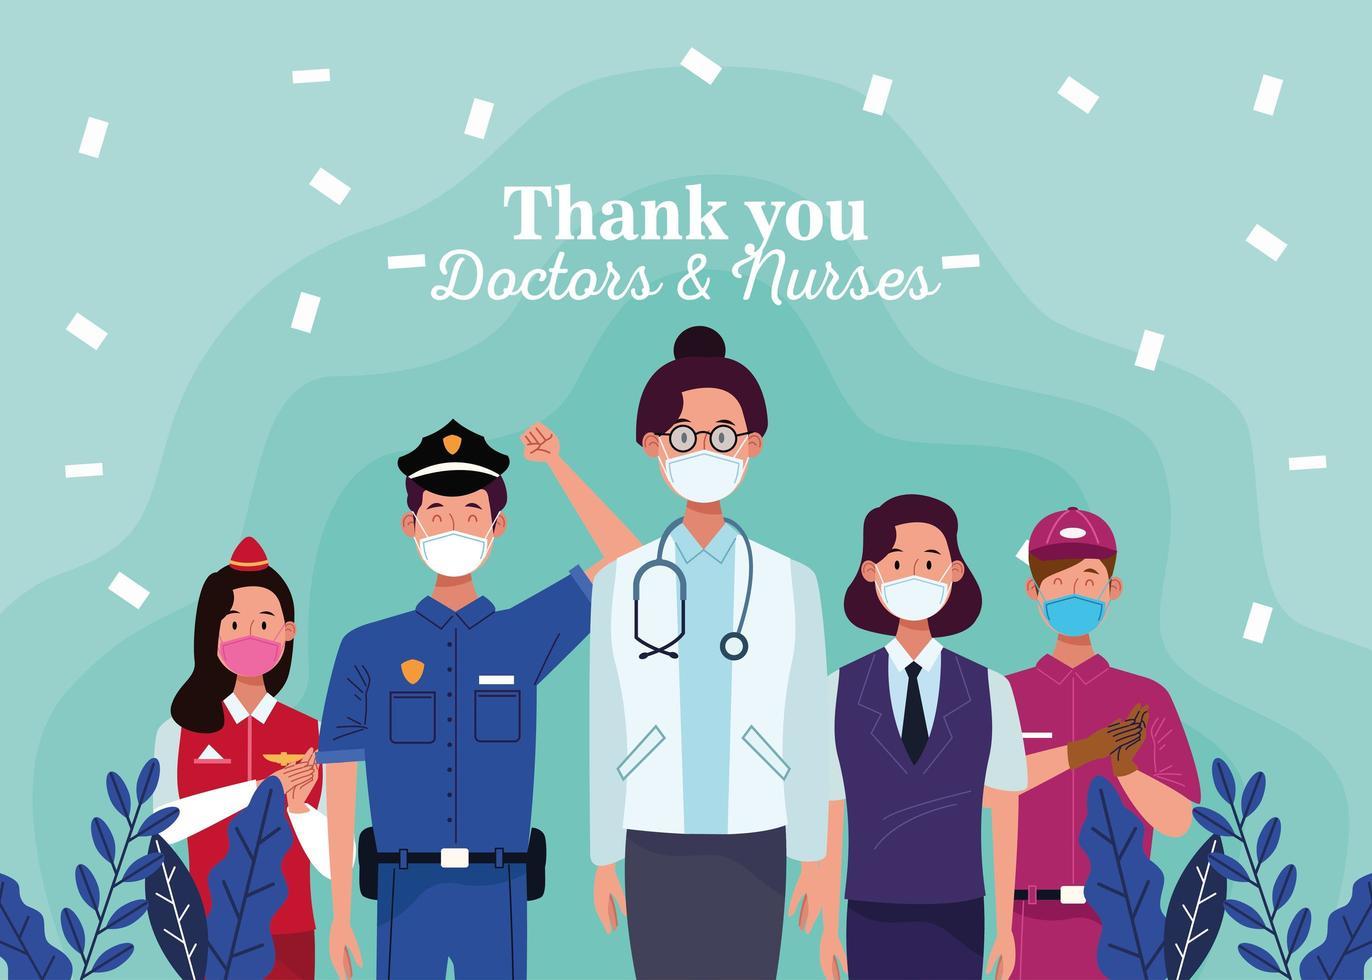 arbetare som använder medicinska masker med tack läkare och sjuksköterskor meddelande vektor